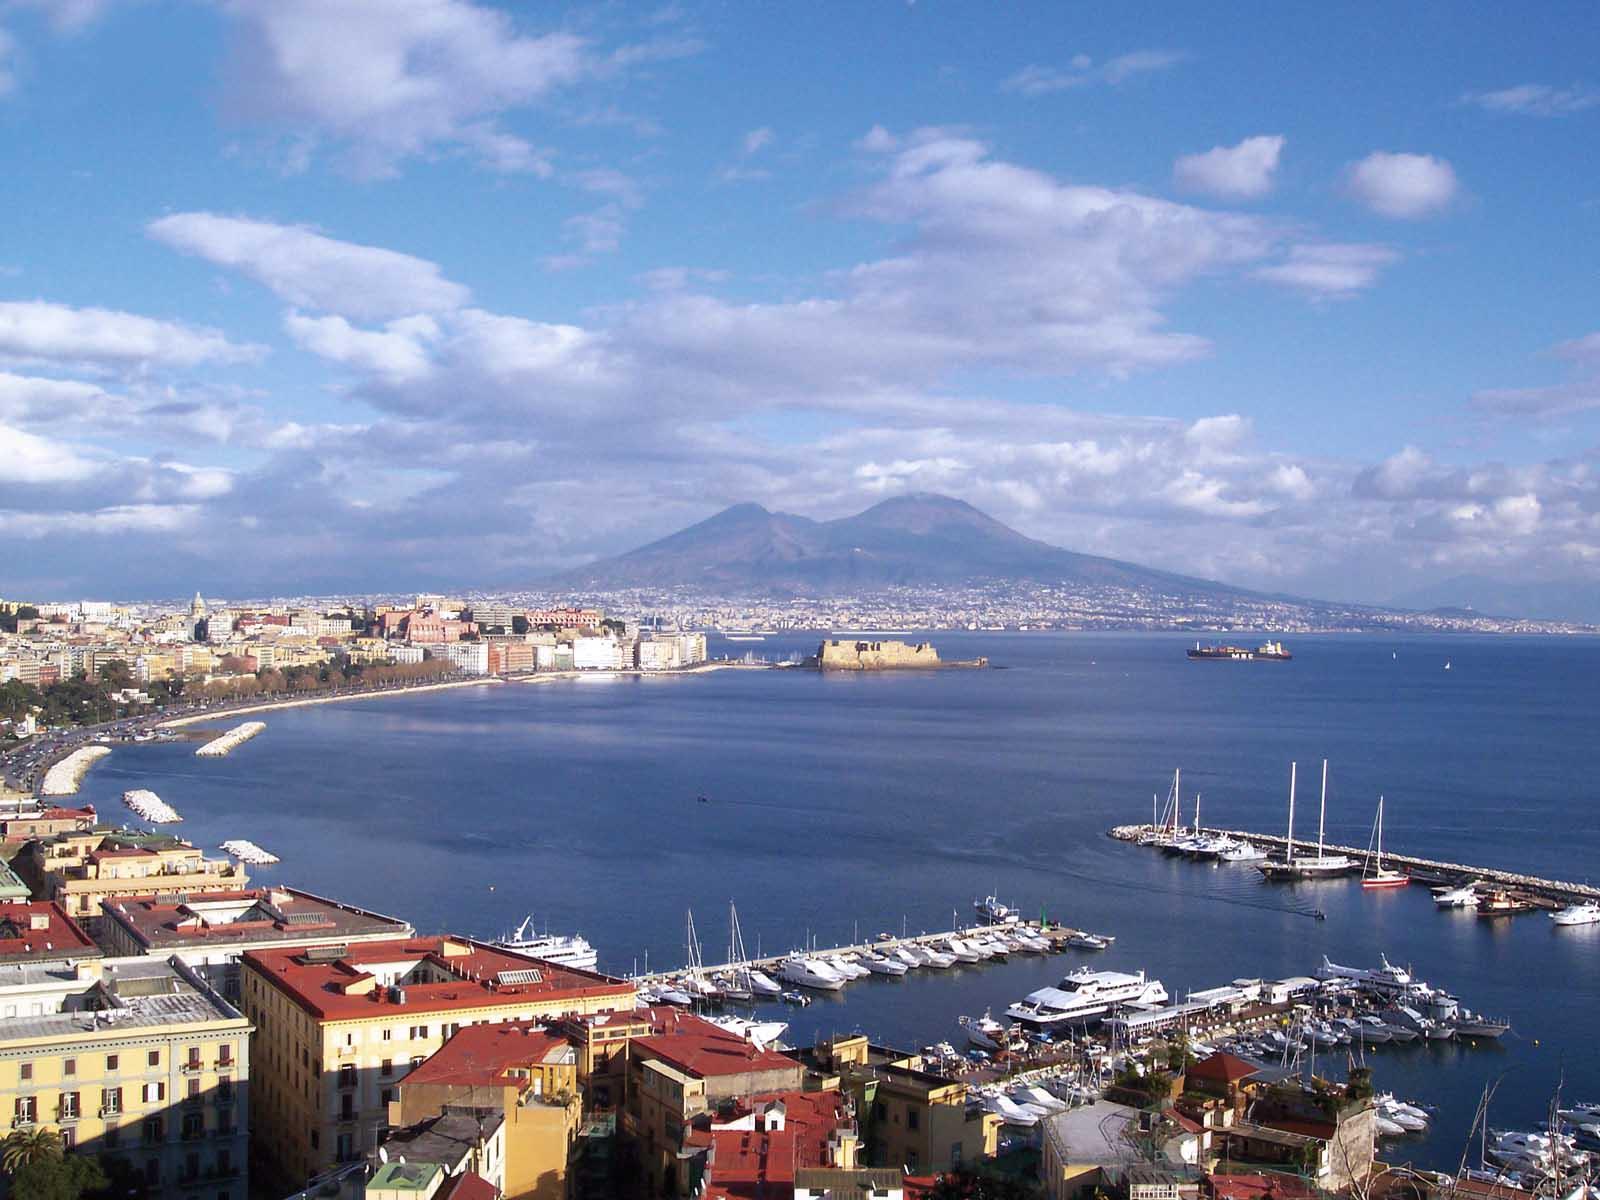 #NaplesToday: blogger italiani e internazionali a Napoli per 2 weekend